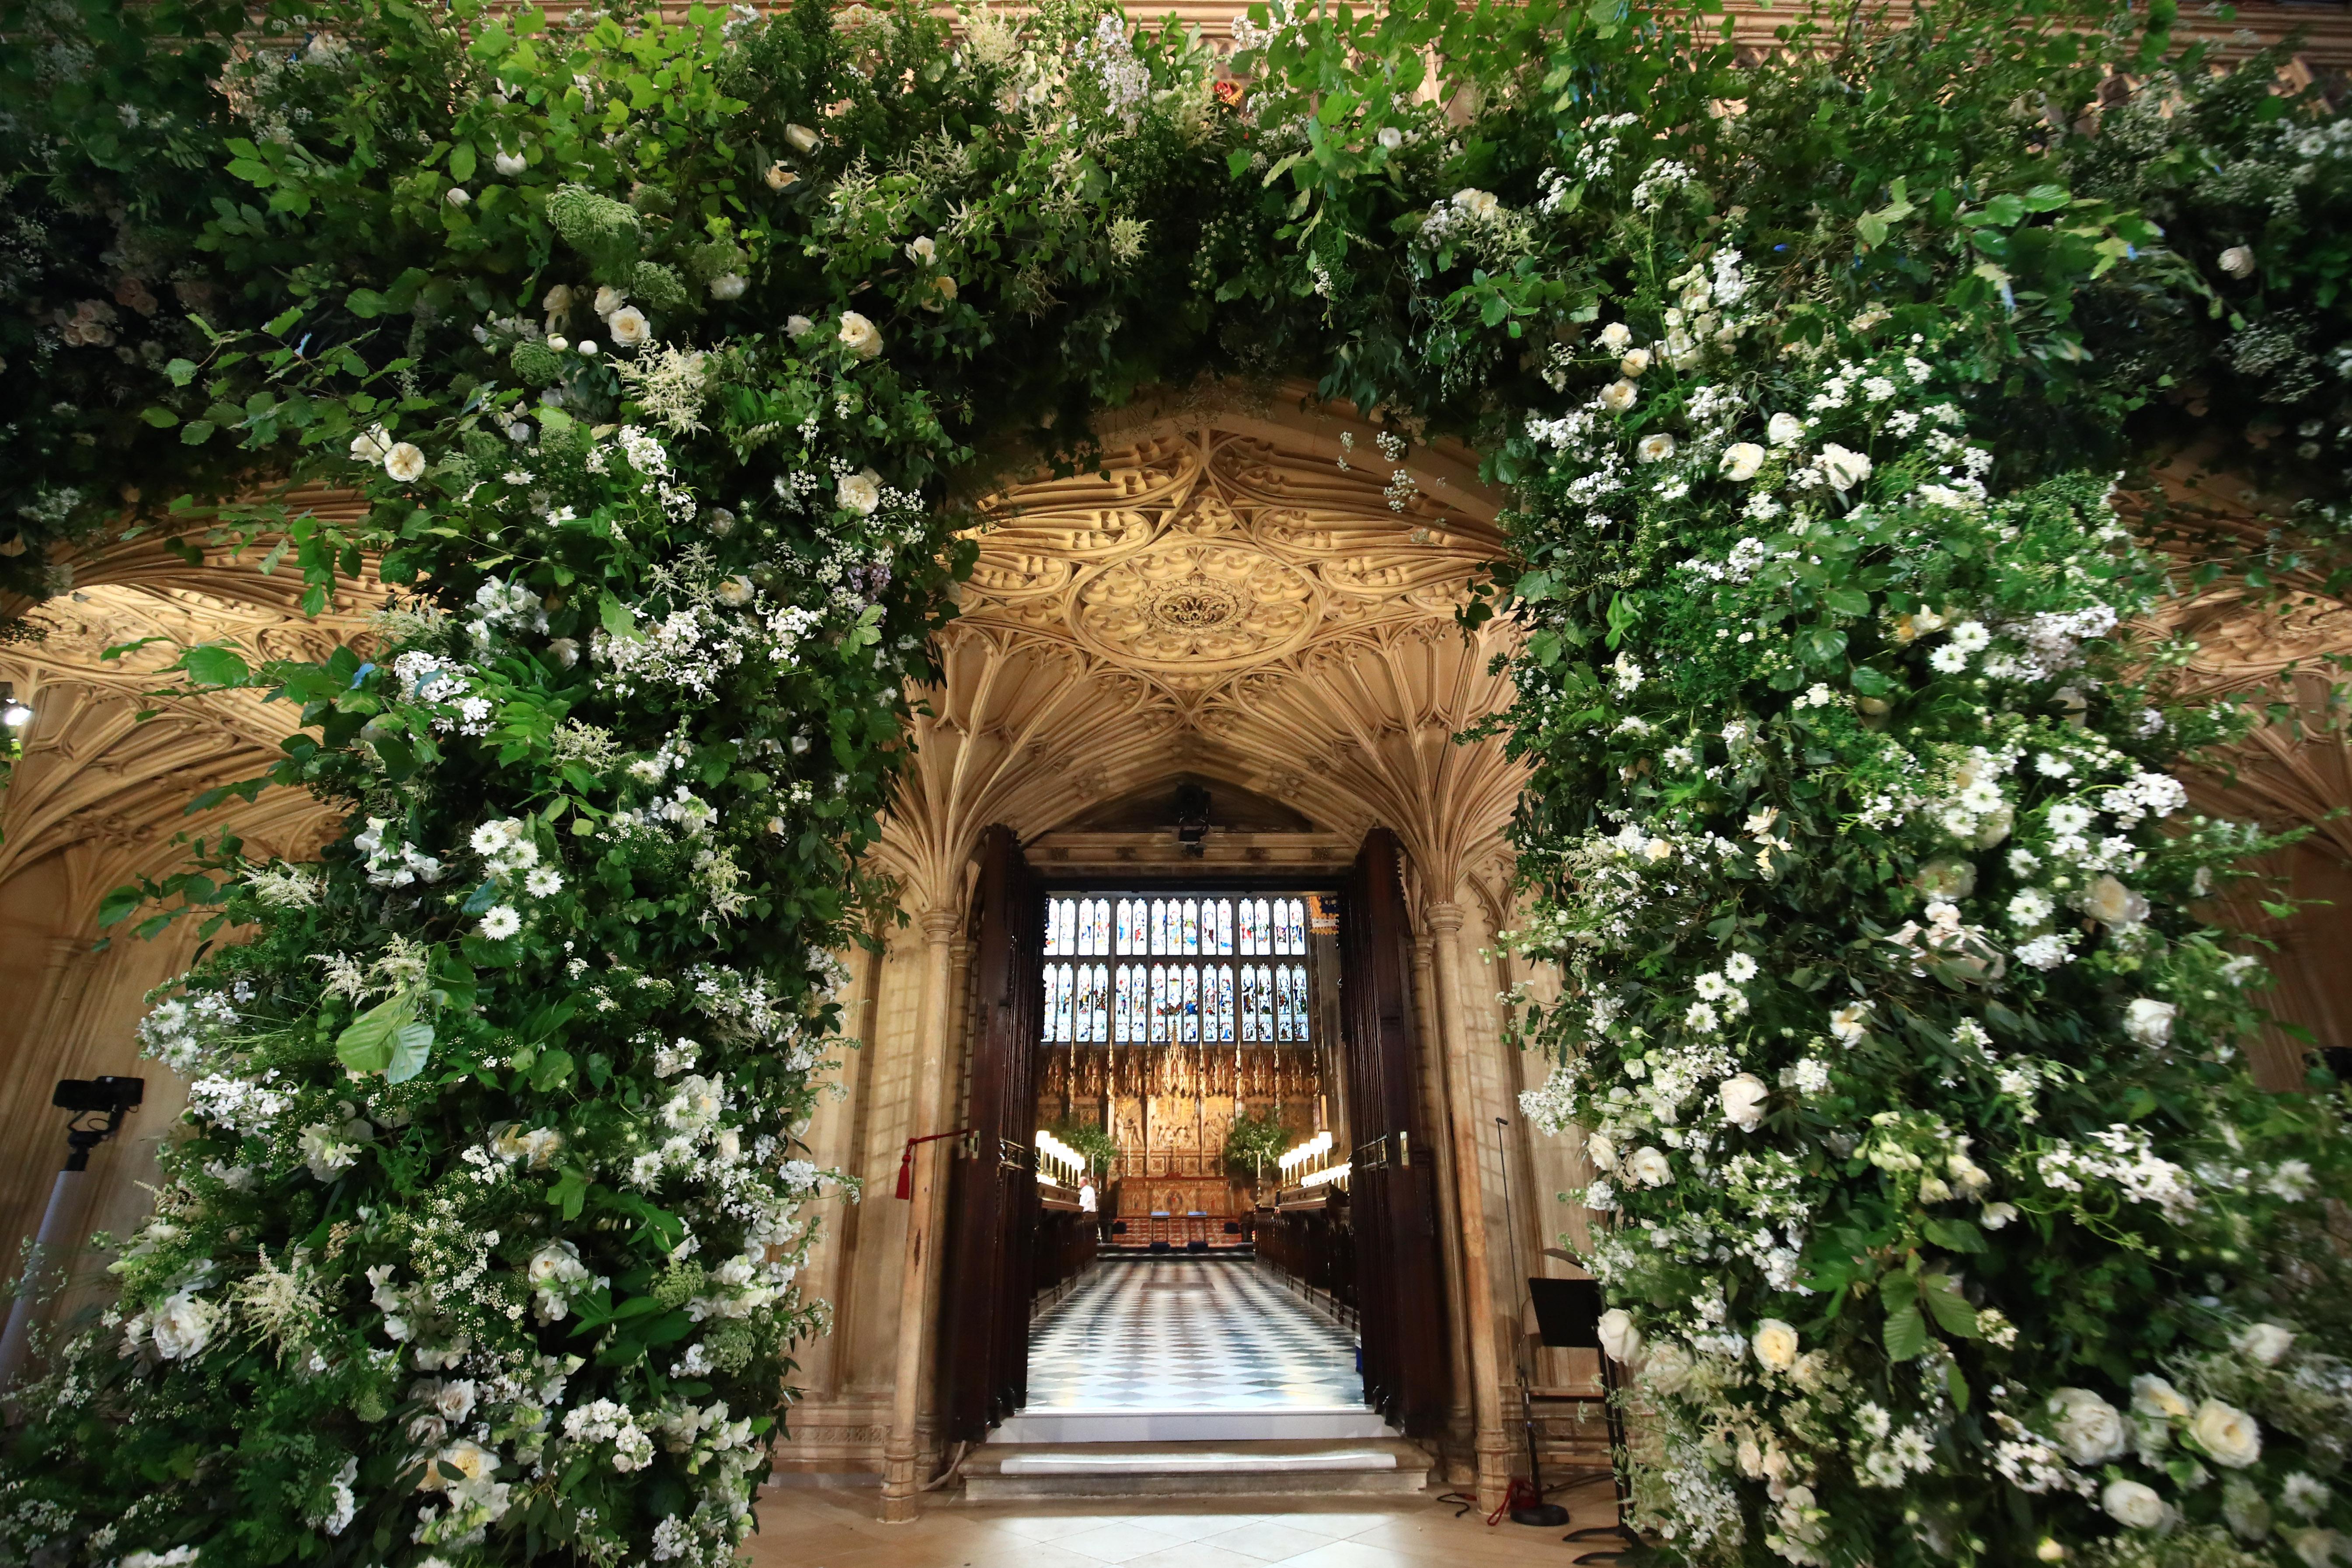 Royal Wedding Flowers Arch